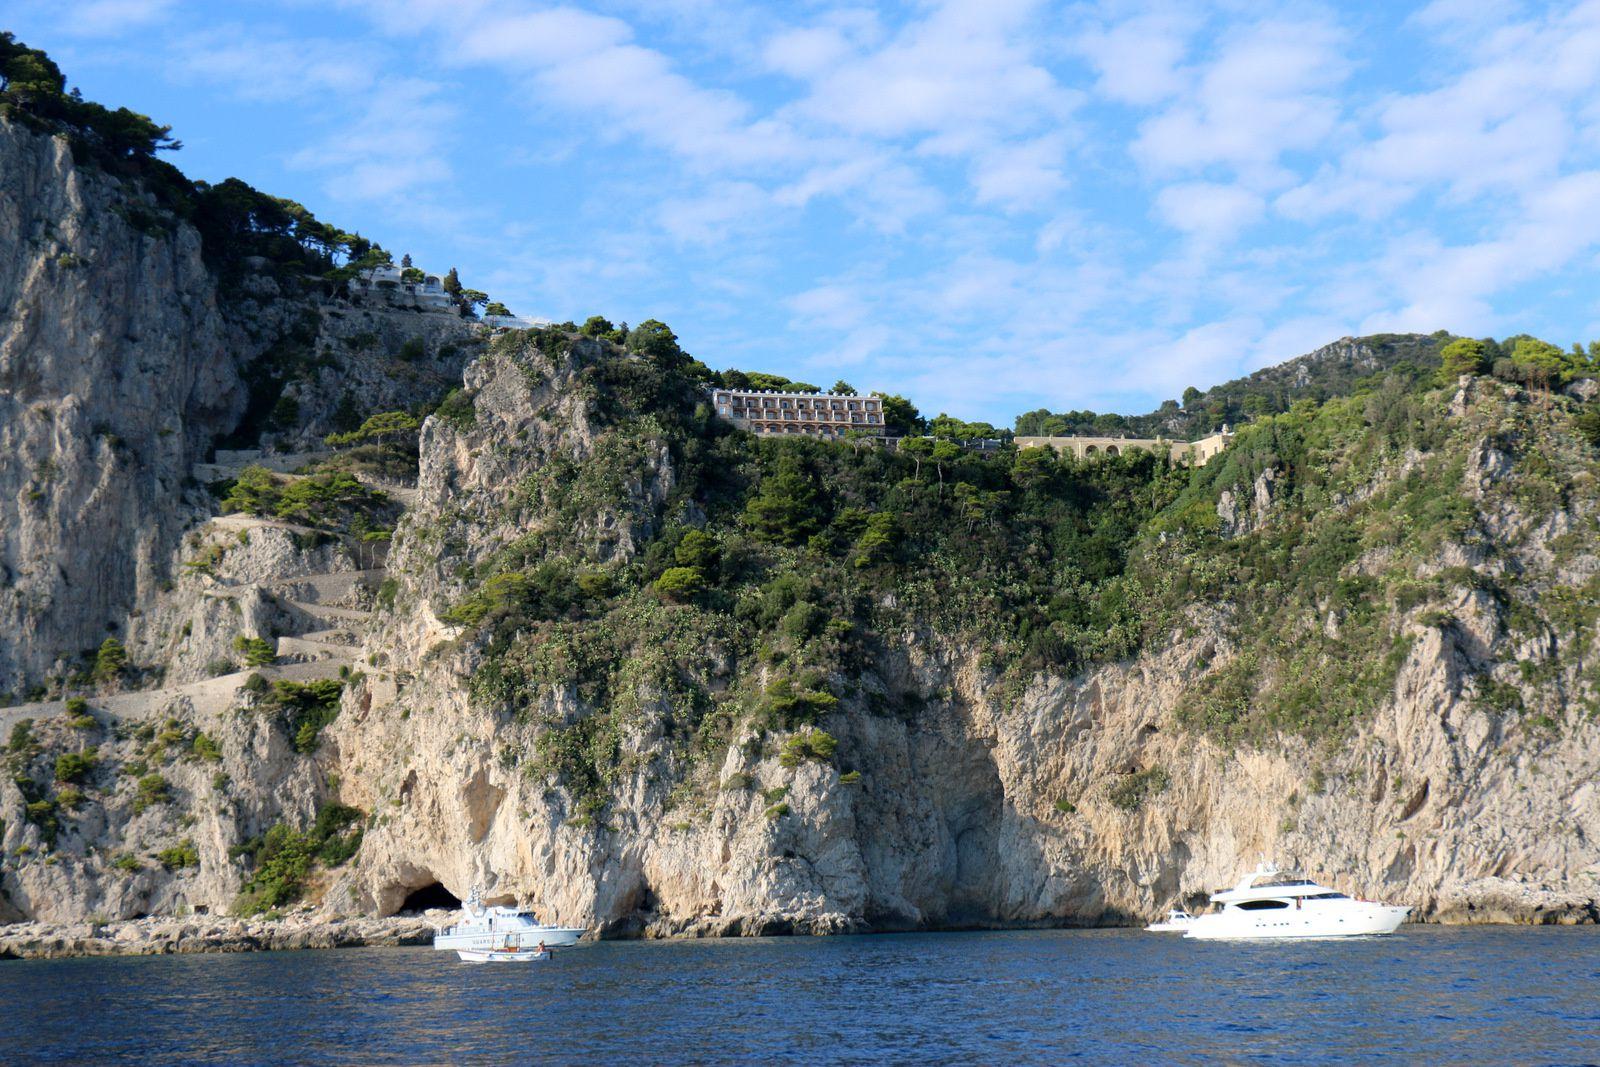 La côte auprès des Faraglioni, île de Capri